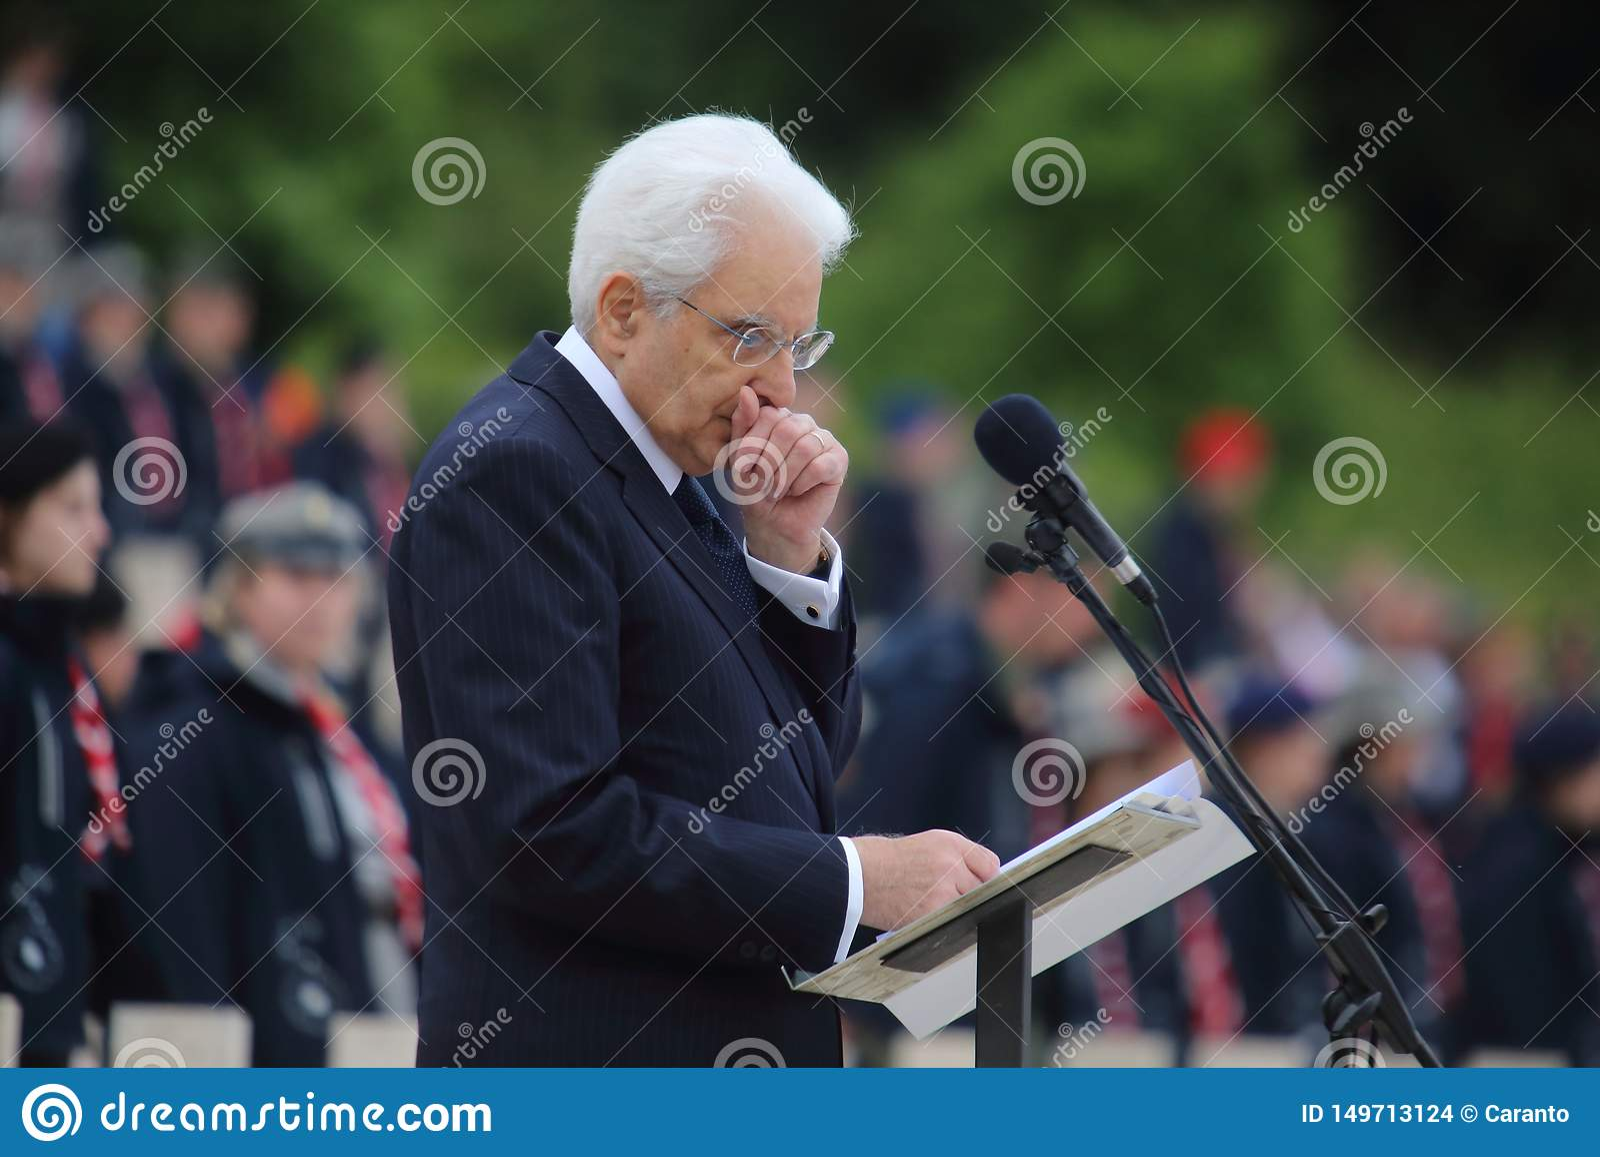 El discurso del presidente de la rep?blica italiana Sergio Mattarella en los militares polacos